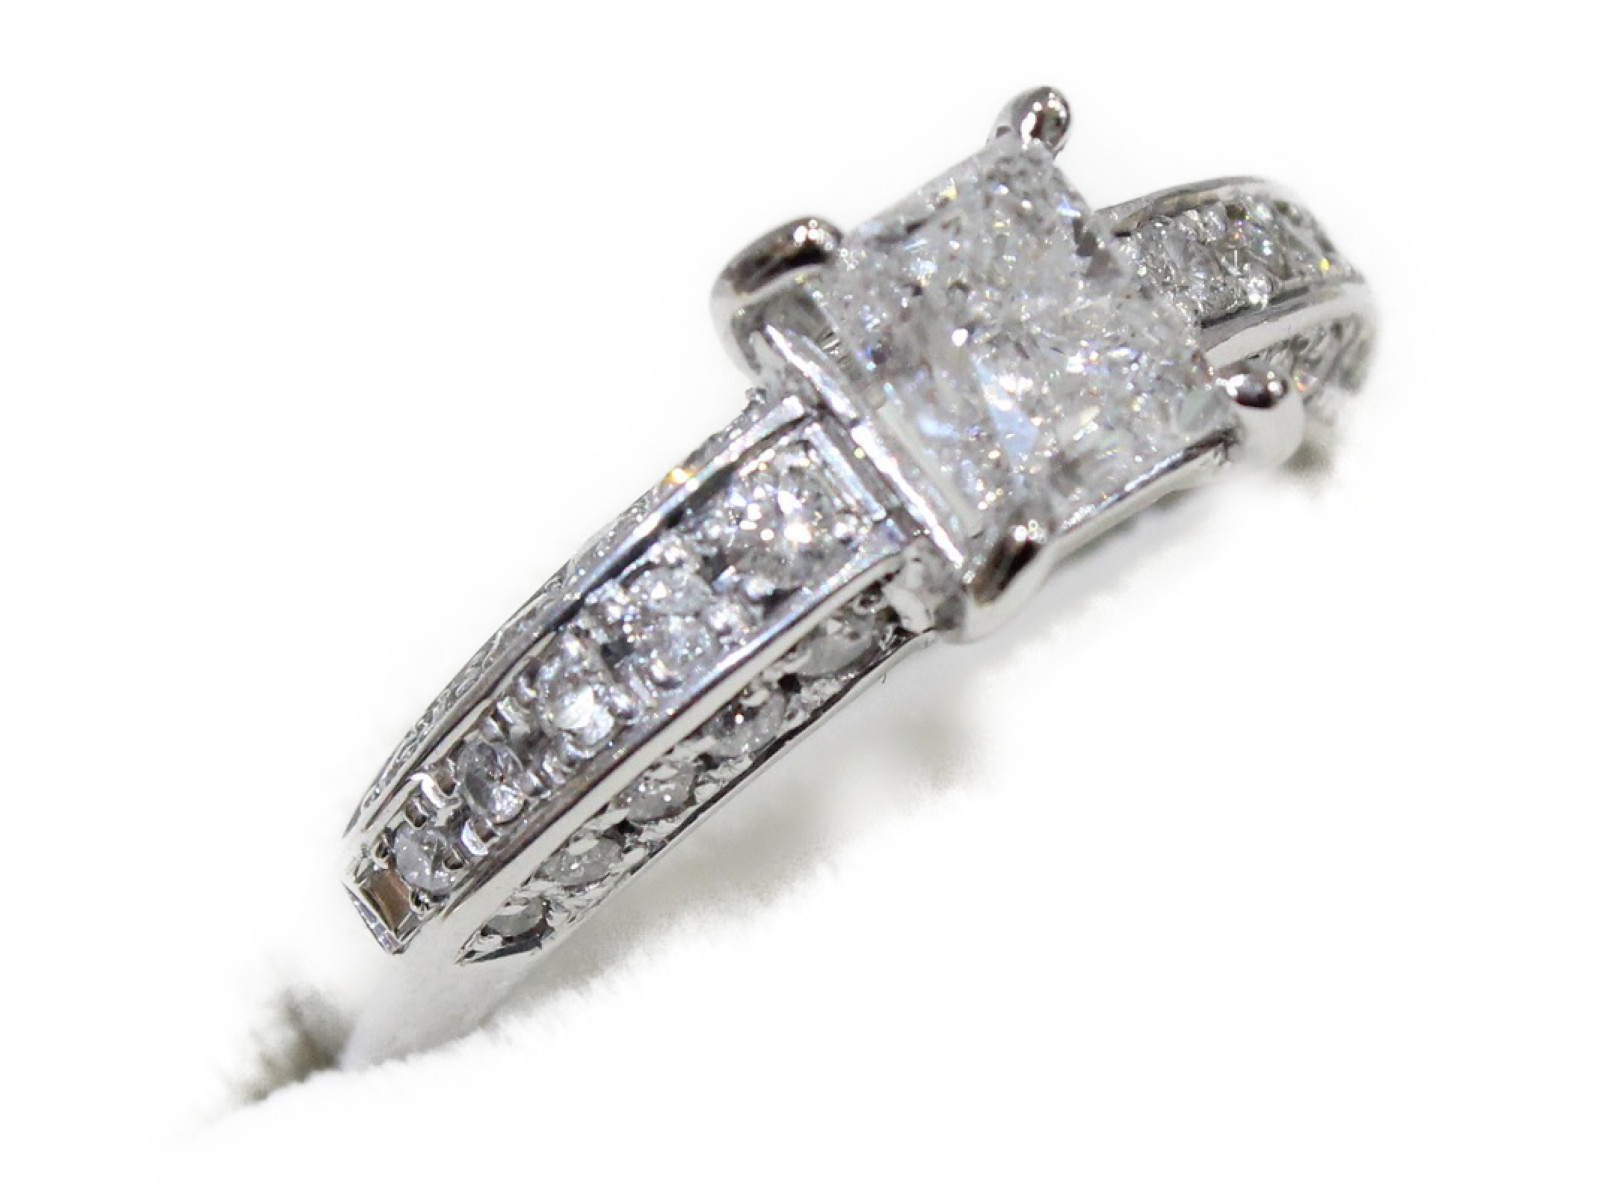 【☆新品仕上げ済】ダイヤモンドリングダイヤモンド1.06ct/0.40ctPt900 5.7g 12号高級 ギフト包装可【中古】